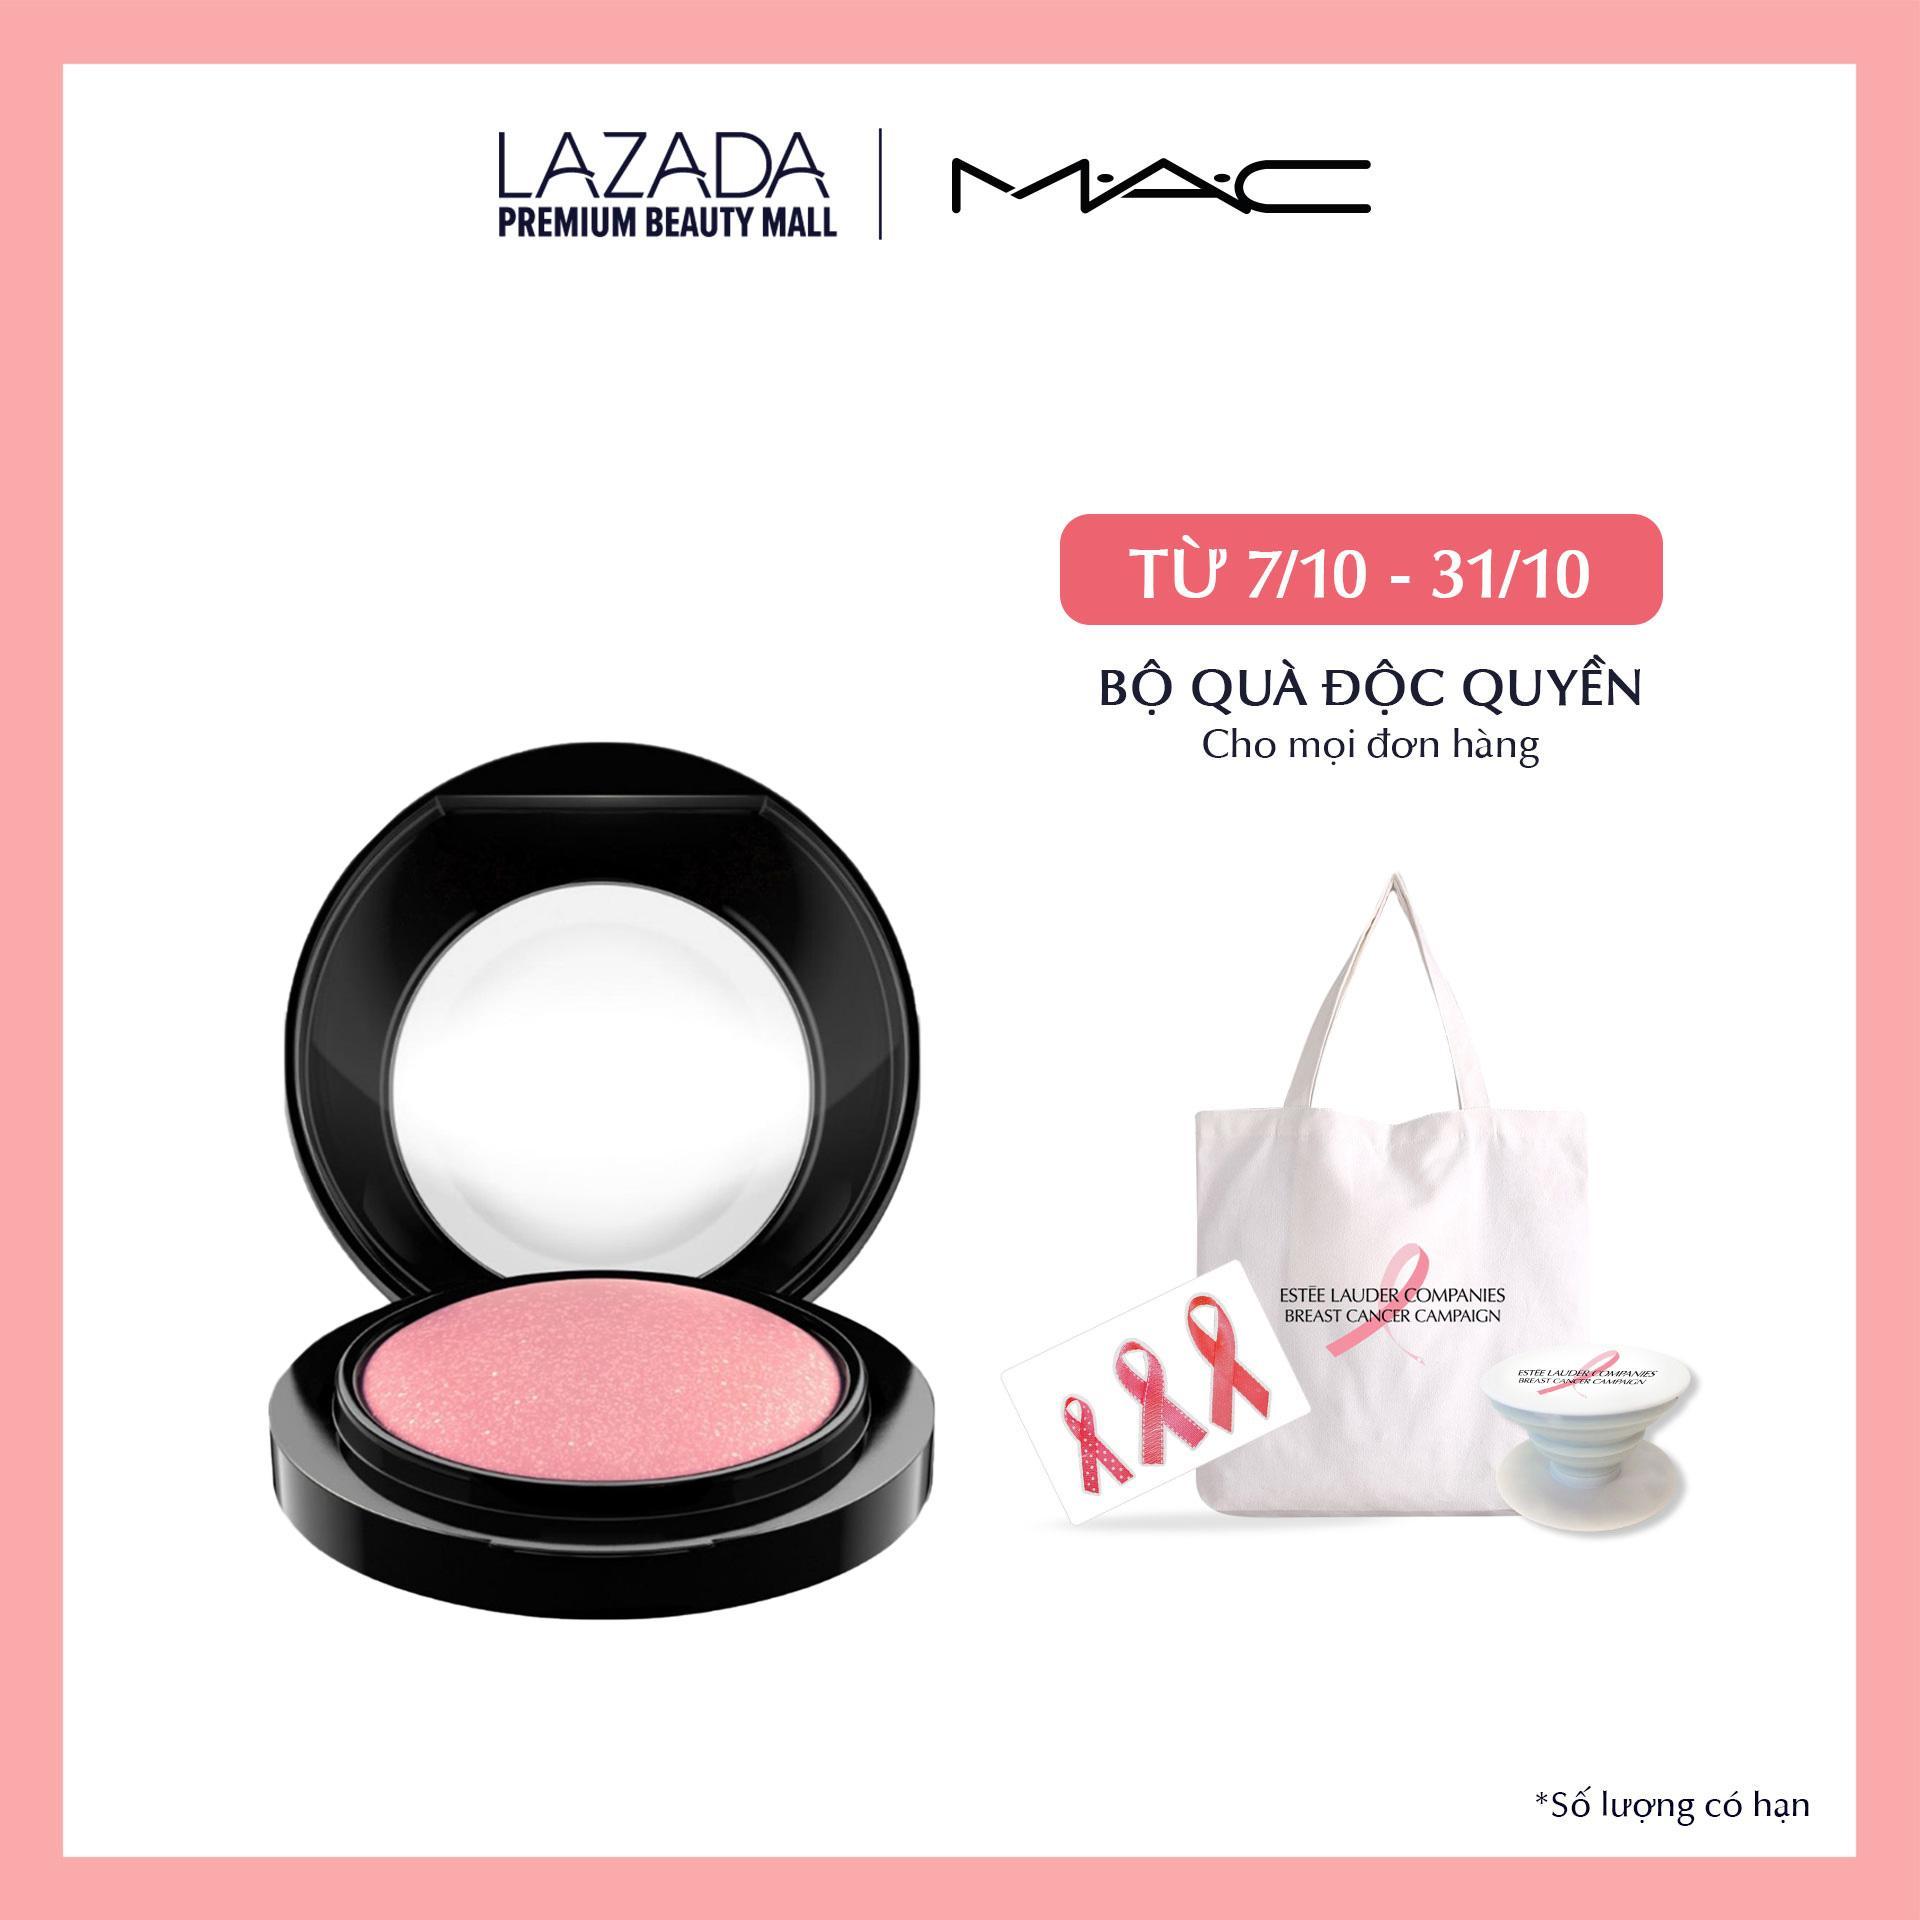 Phấn má hồng MAC Mineralize Blush 4g tốt nhất